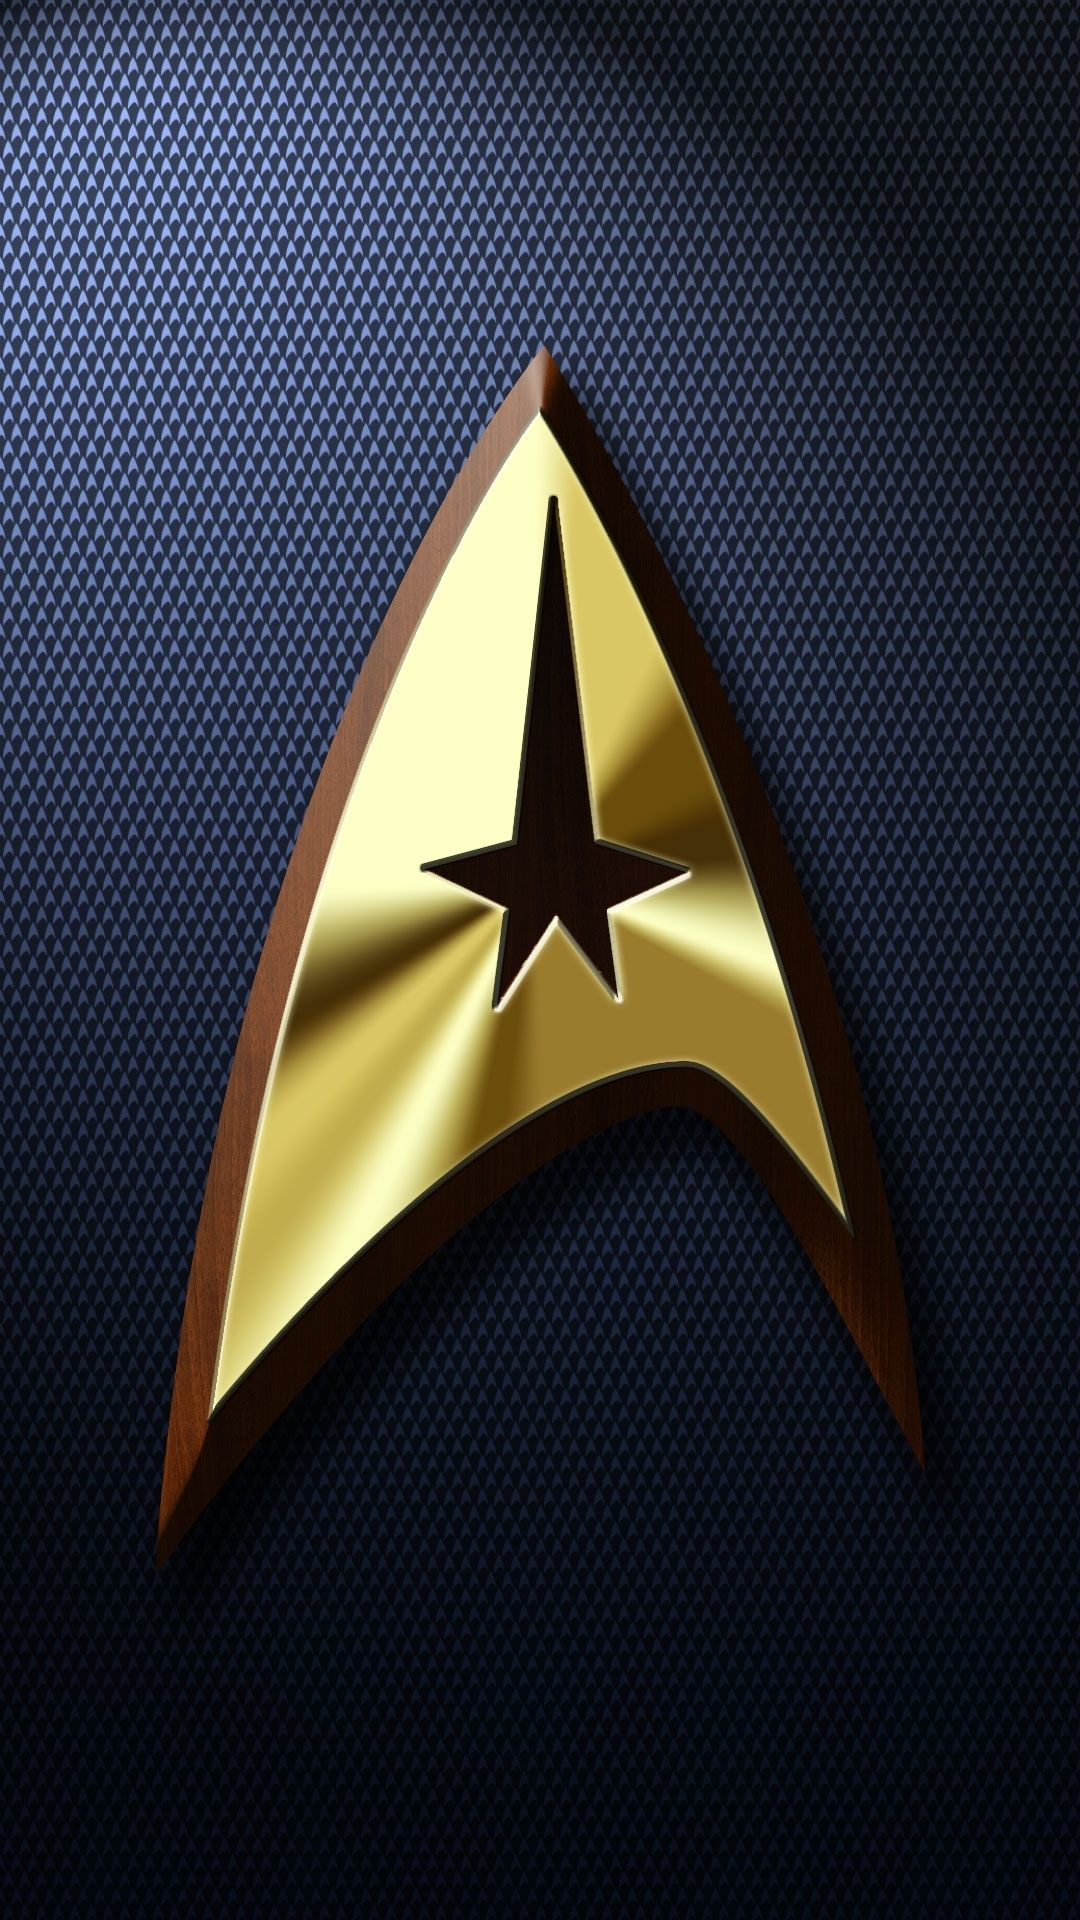 10 Top Star Trek Wallpaper Phone FULL HD 1080p For PC